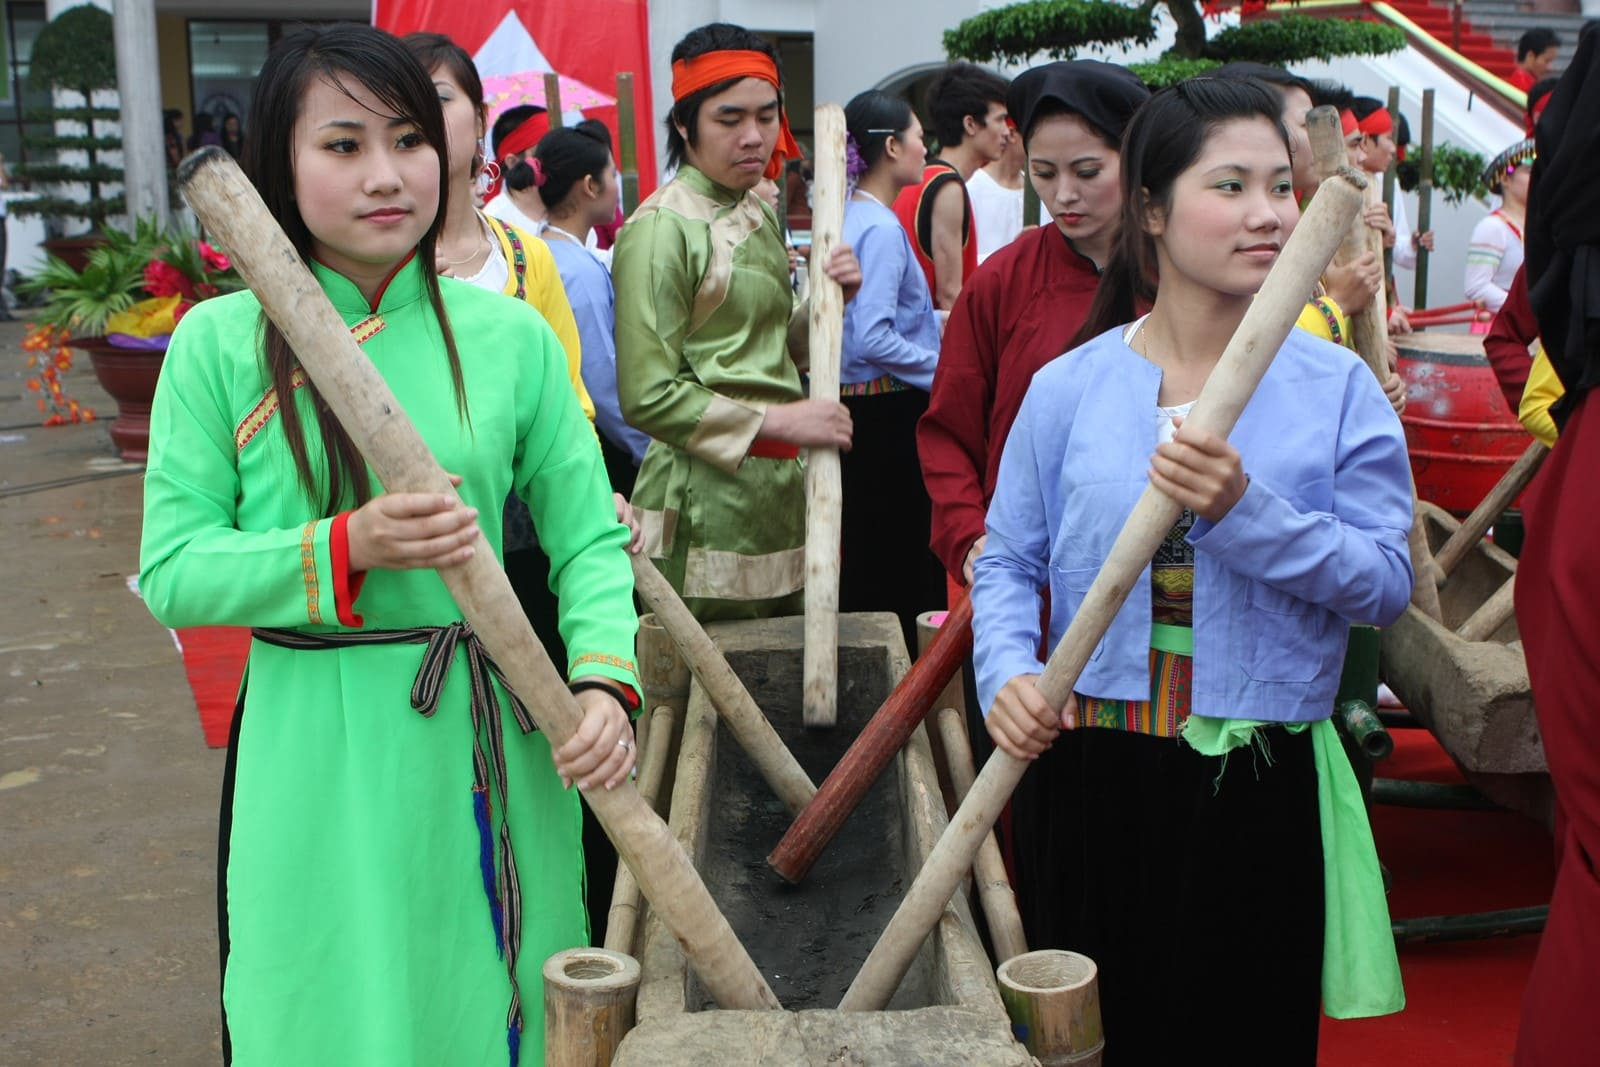 Lễ hội đâm đuống được dịp Tết Nguyên đán